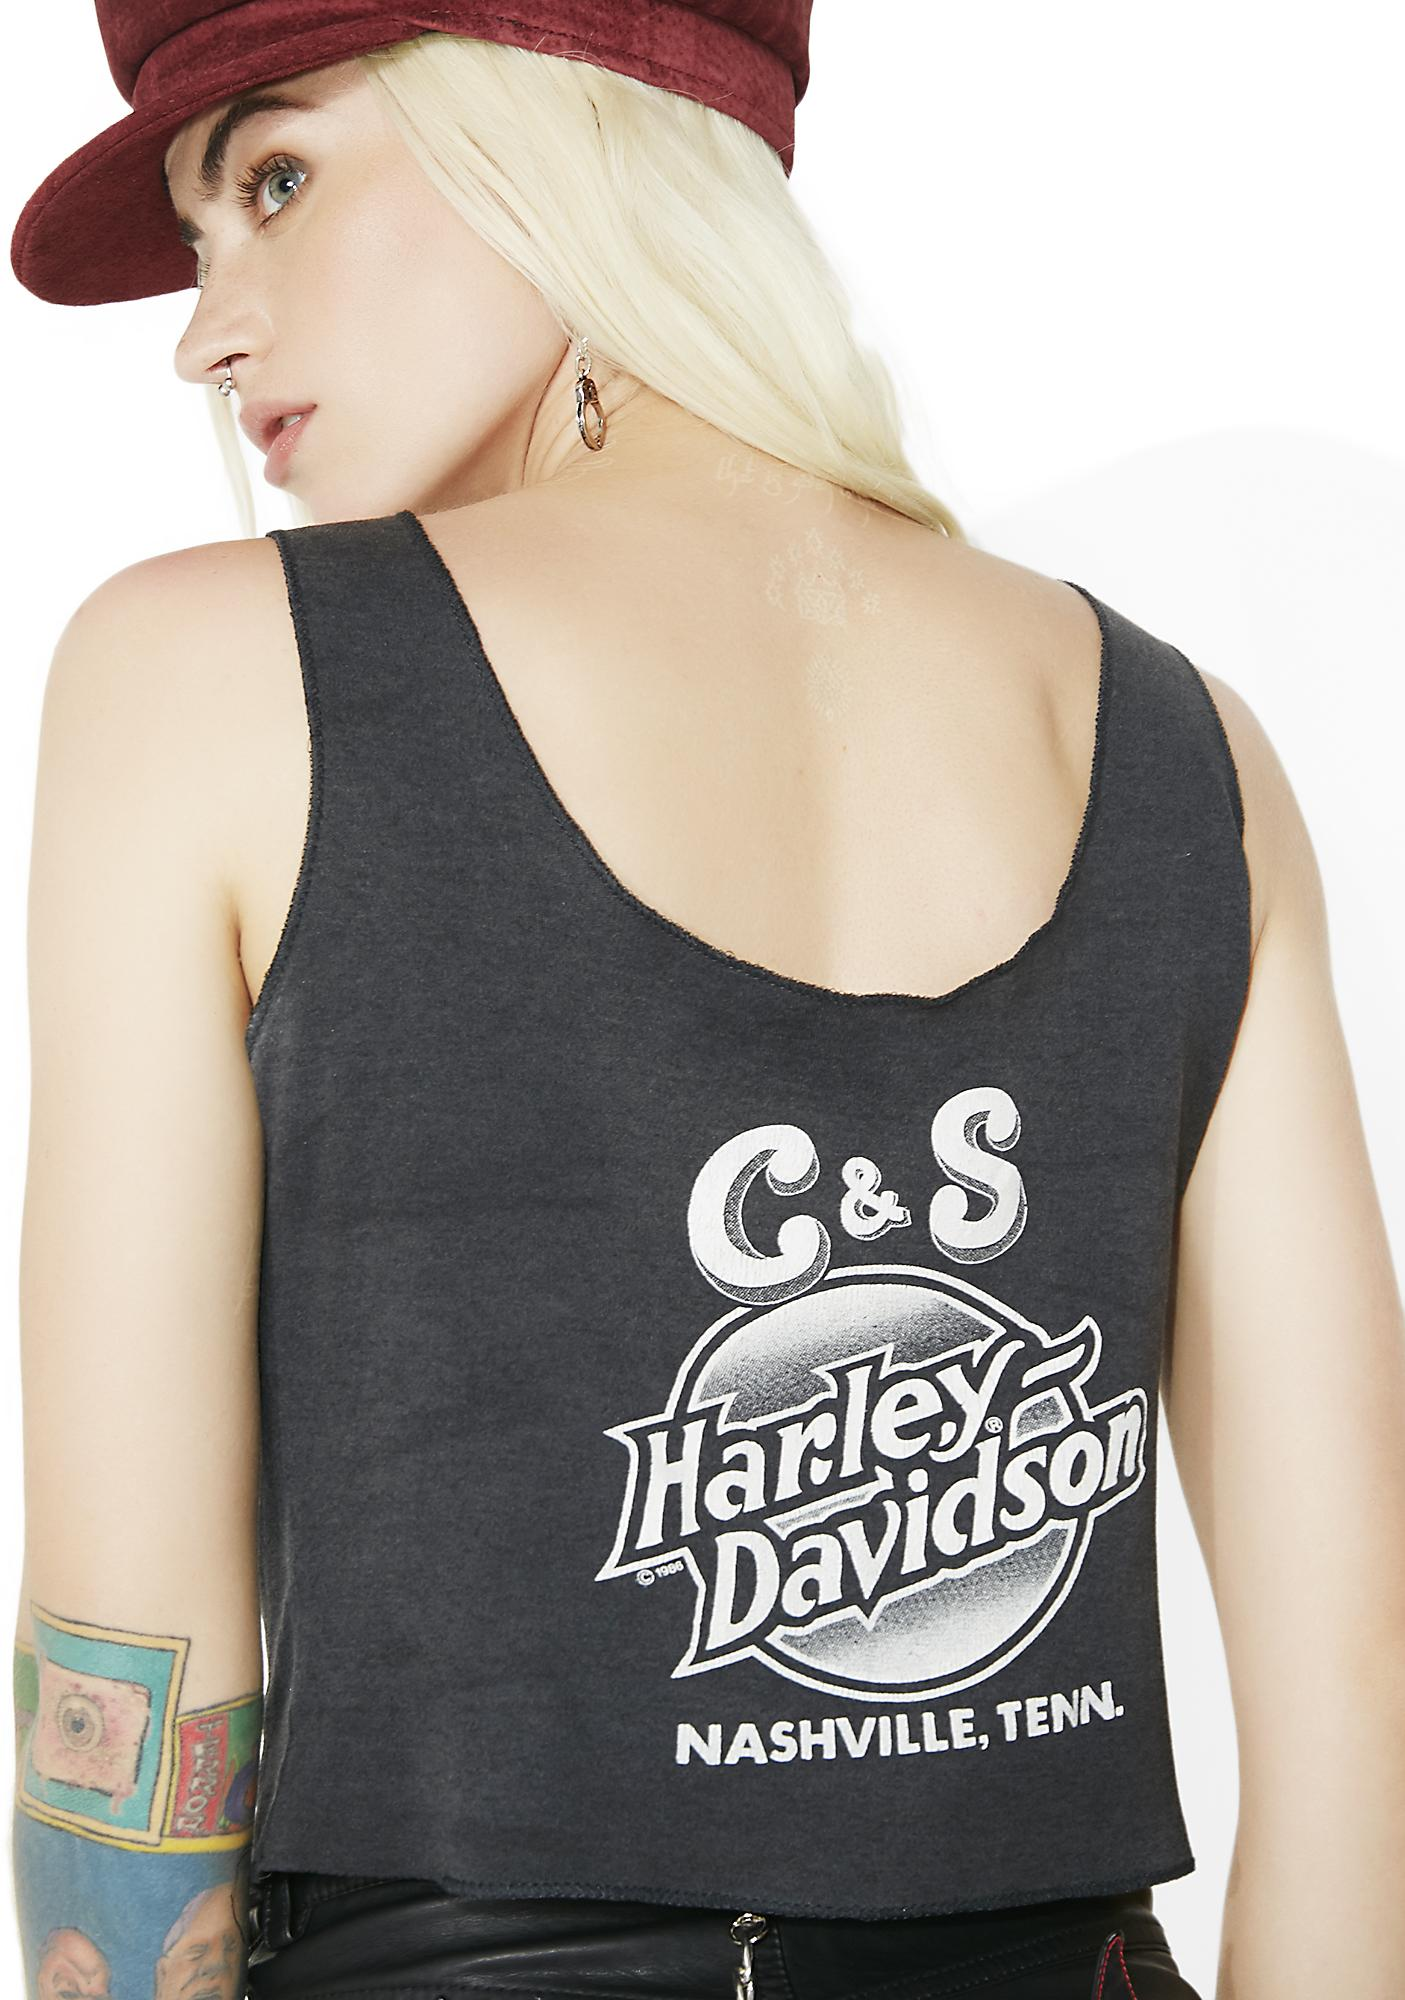 Vintage Harley Davidson Nashville Tank